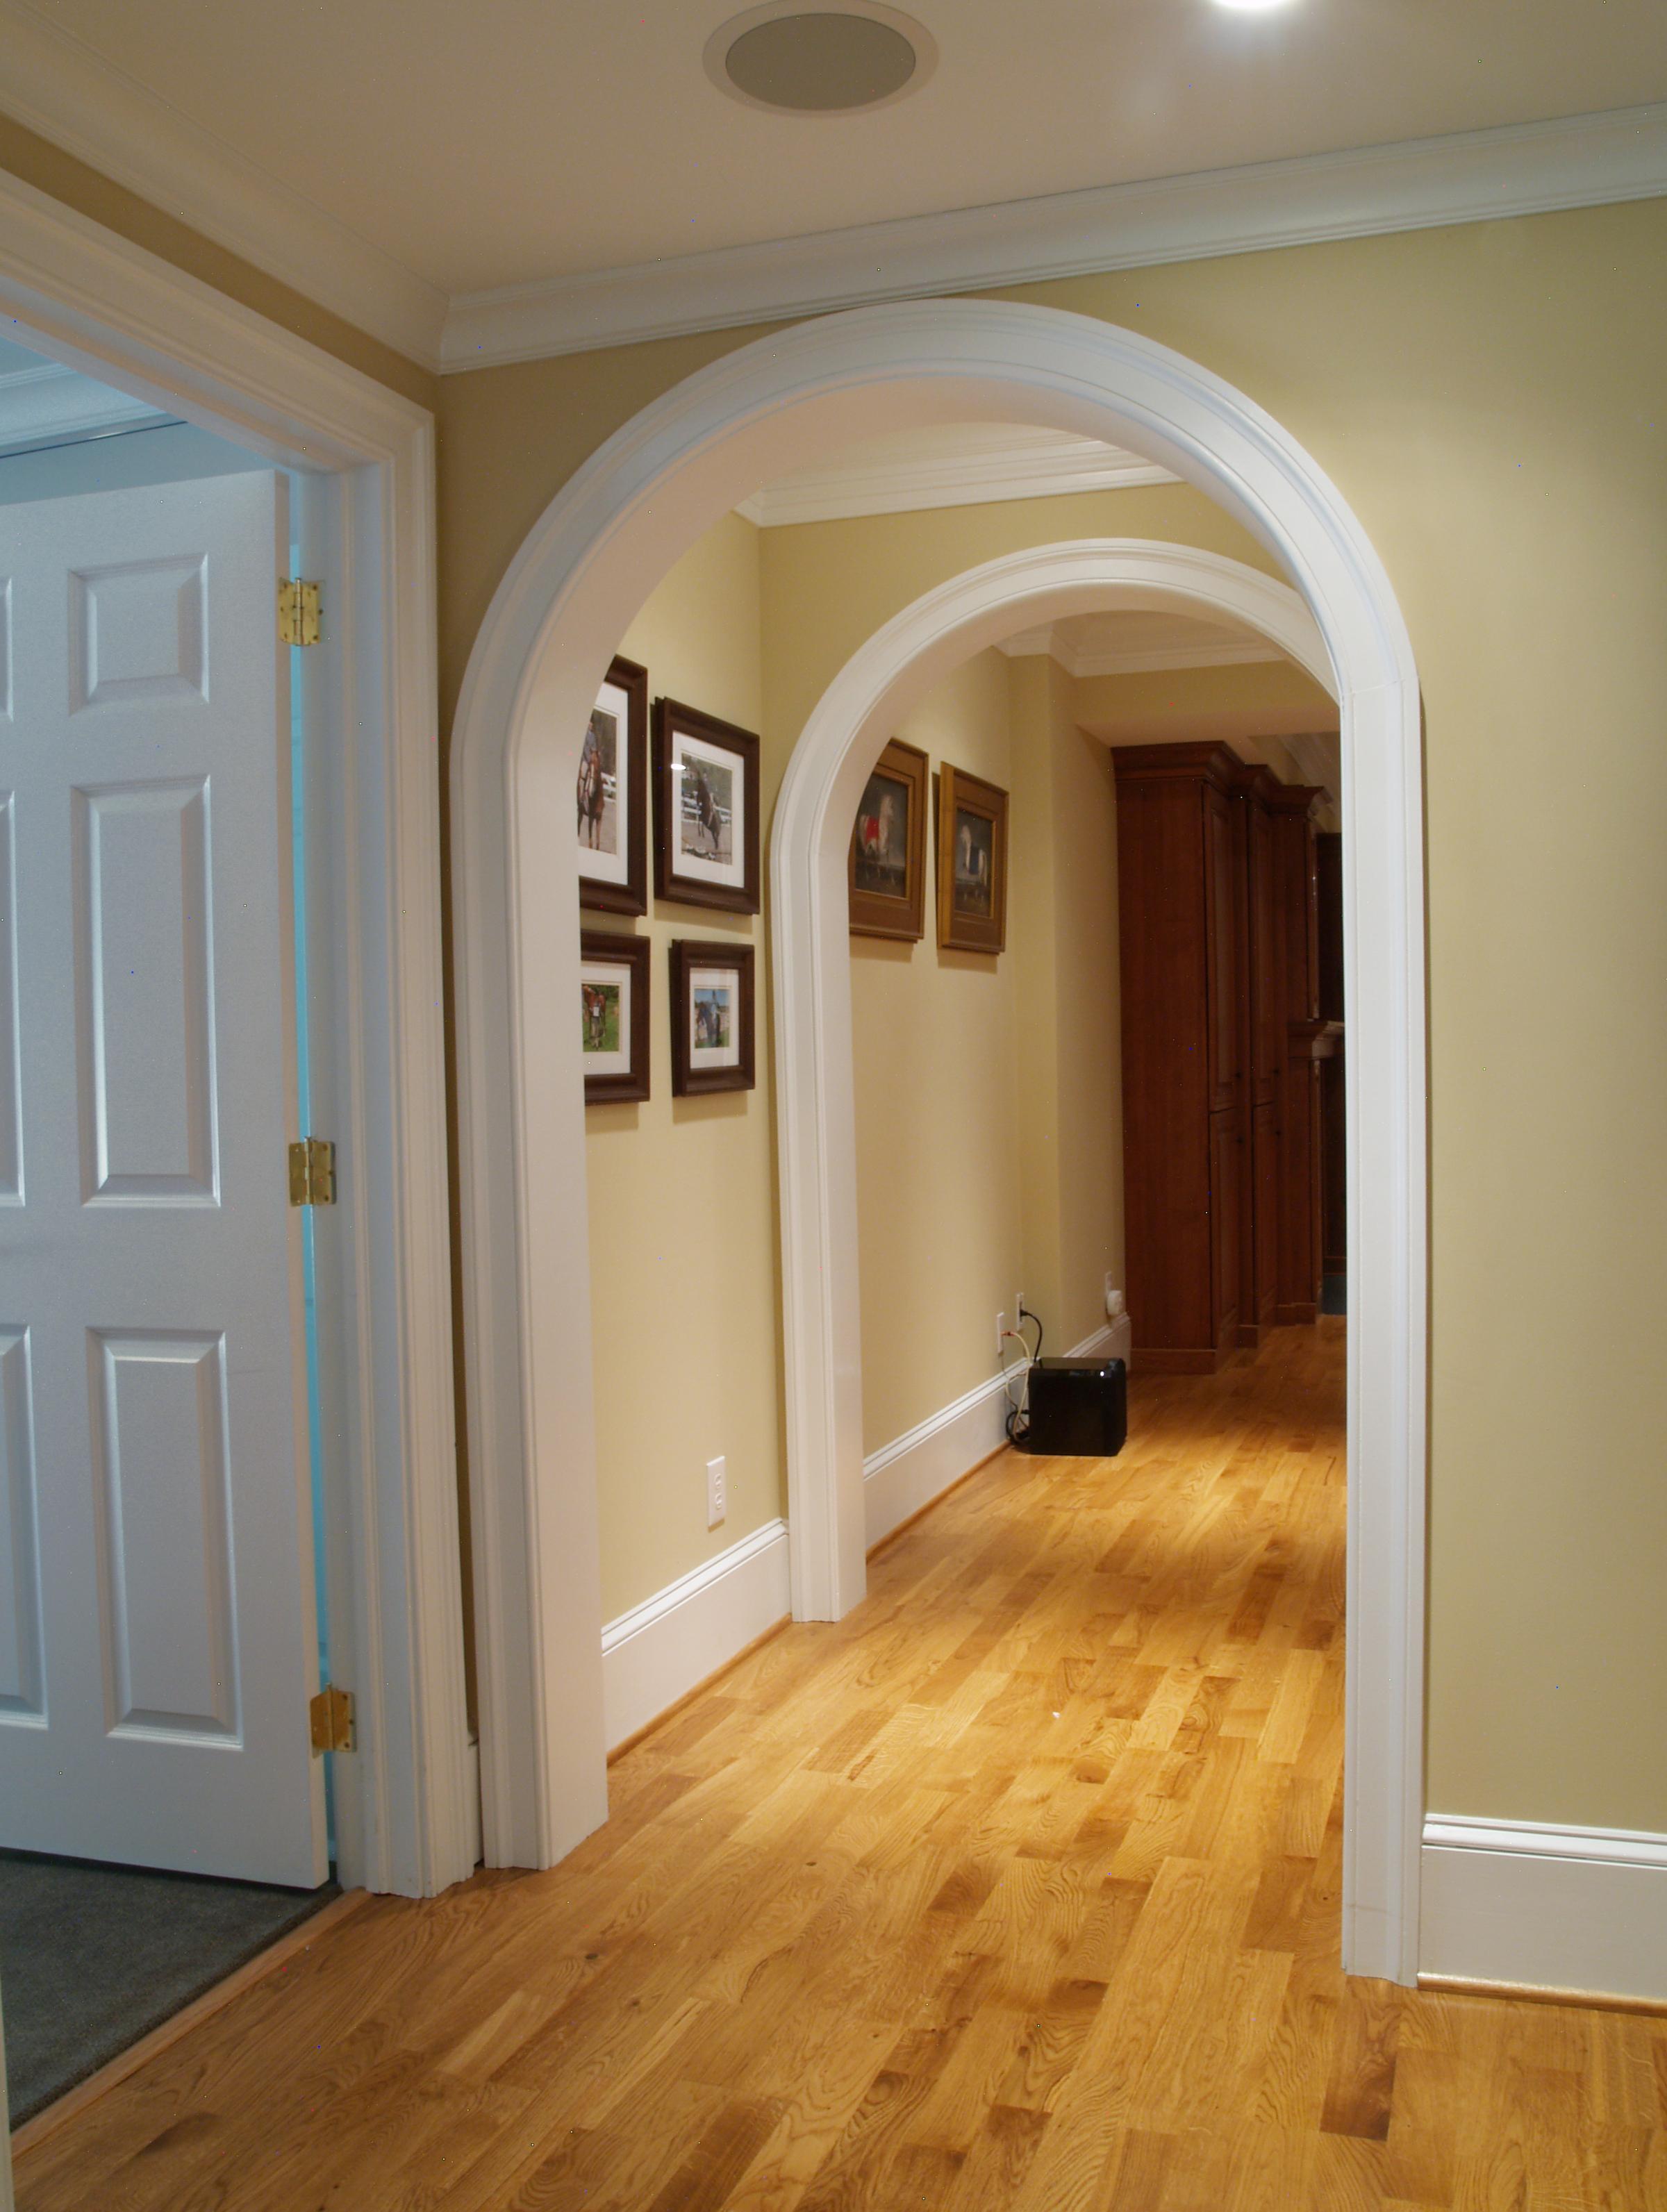 Дизайн коридора с аркой и наличниками